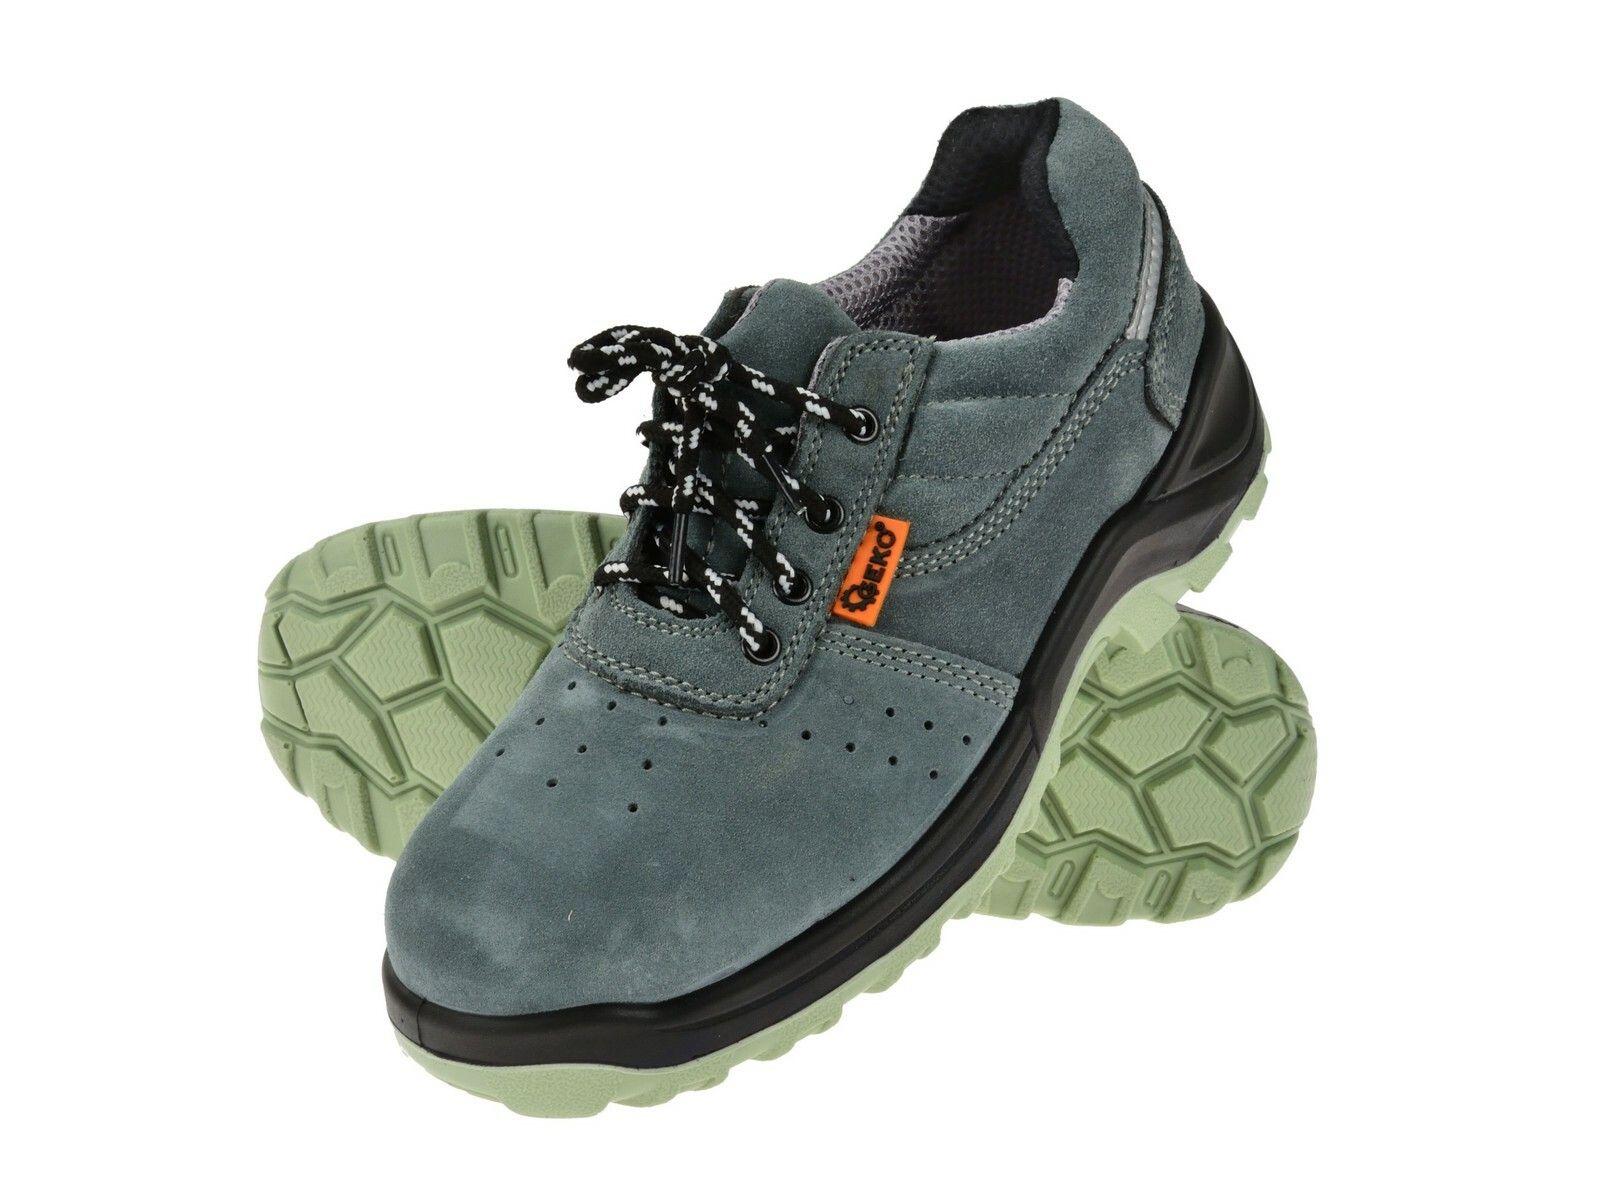 Ochranná pracovní obuv model č. 4 velikost 43 GEKO